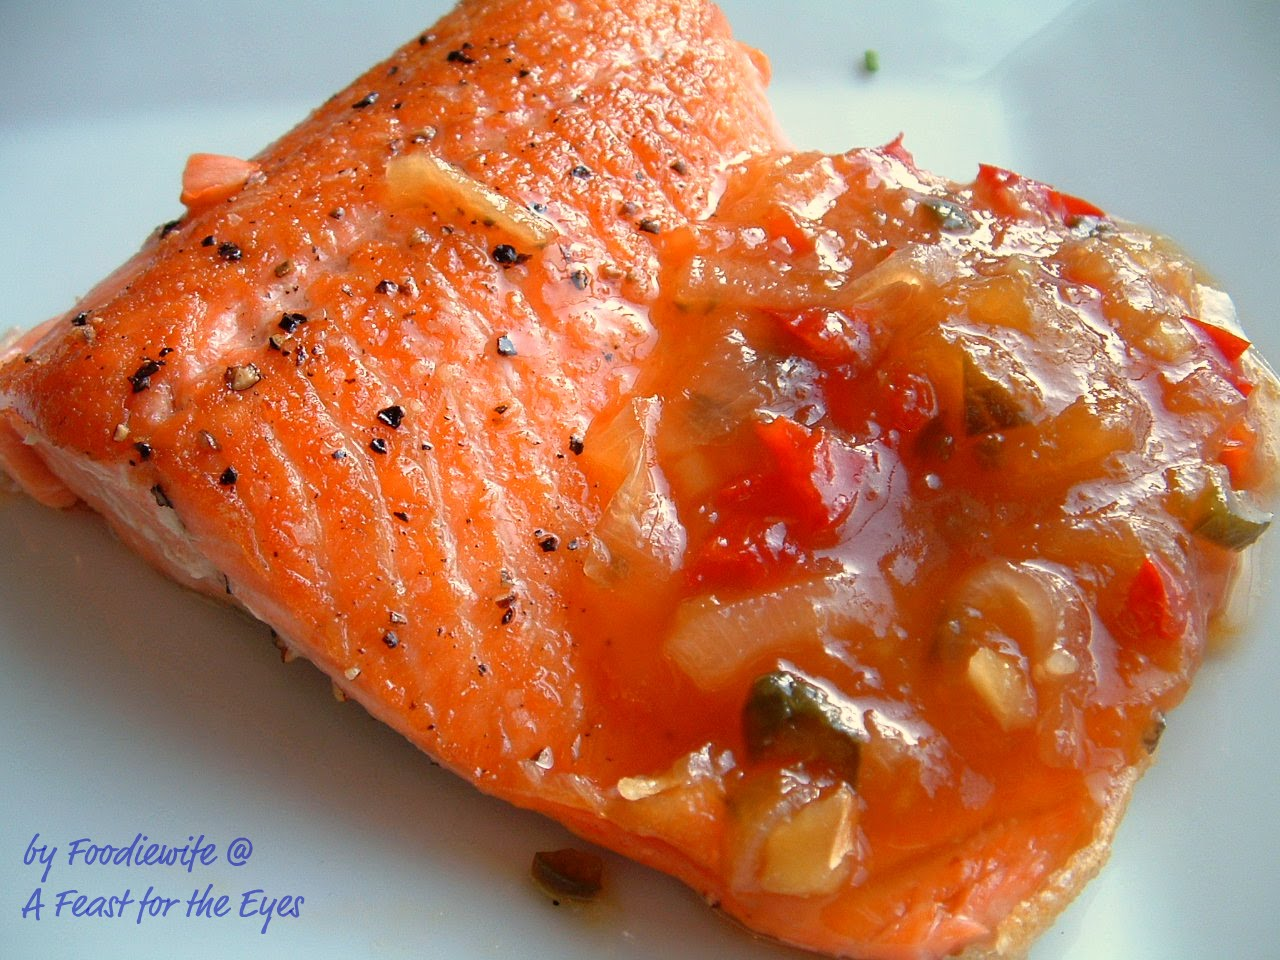 A Feast for the Eyes: Peach Chutney & Steelhead Trout